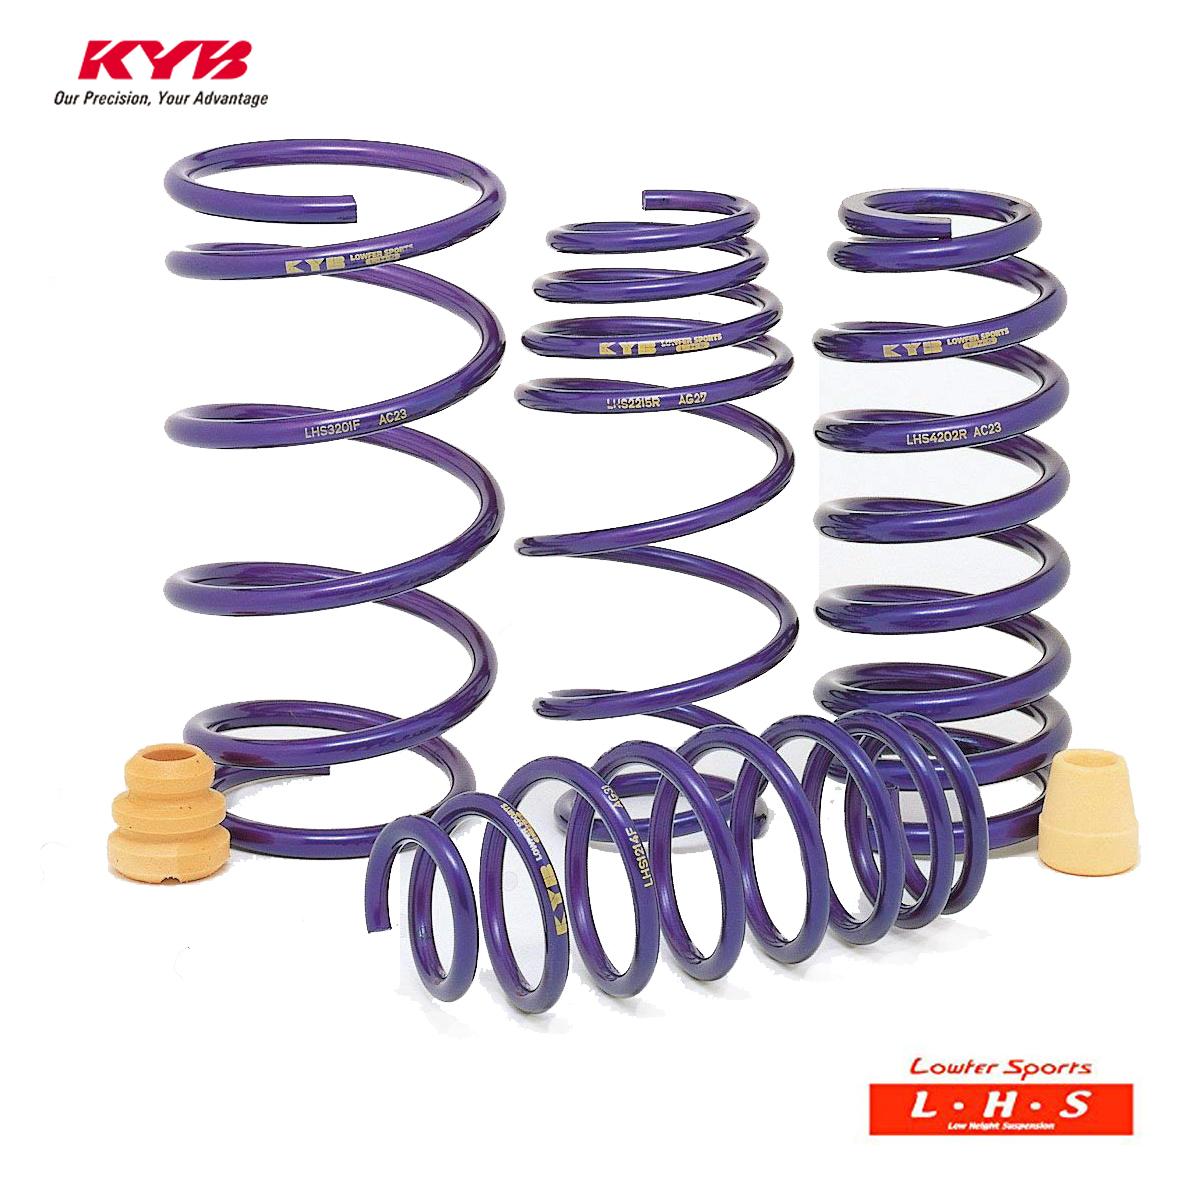 KYB カヤバ CX-3 DK5FW スプリング ダウンサス セット Lowfer Sports LHS-DK5FW 配送先条件有り